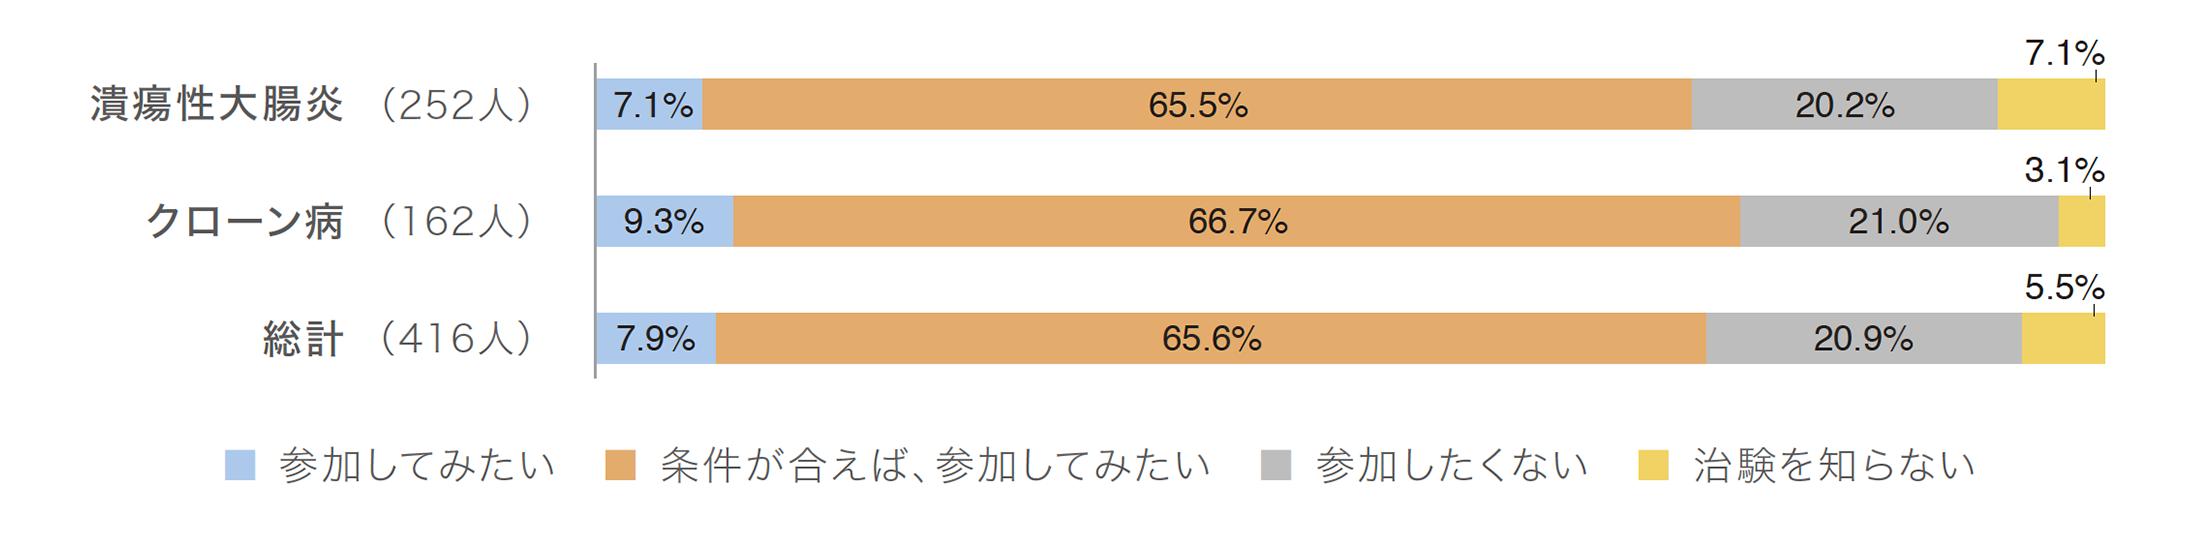 最も多かったのが「条件が合えば、参加してみたい」で65.6%でした。